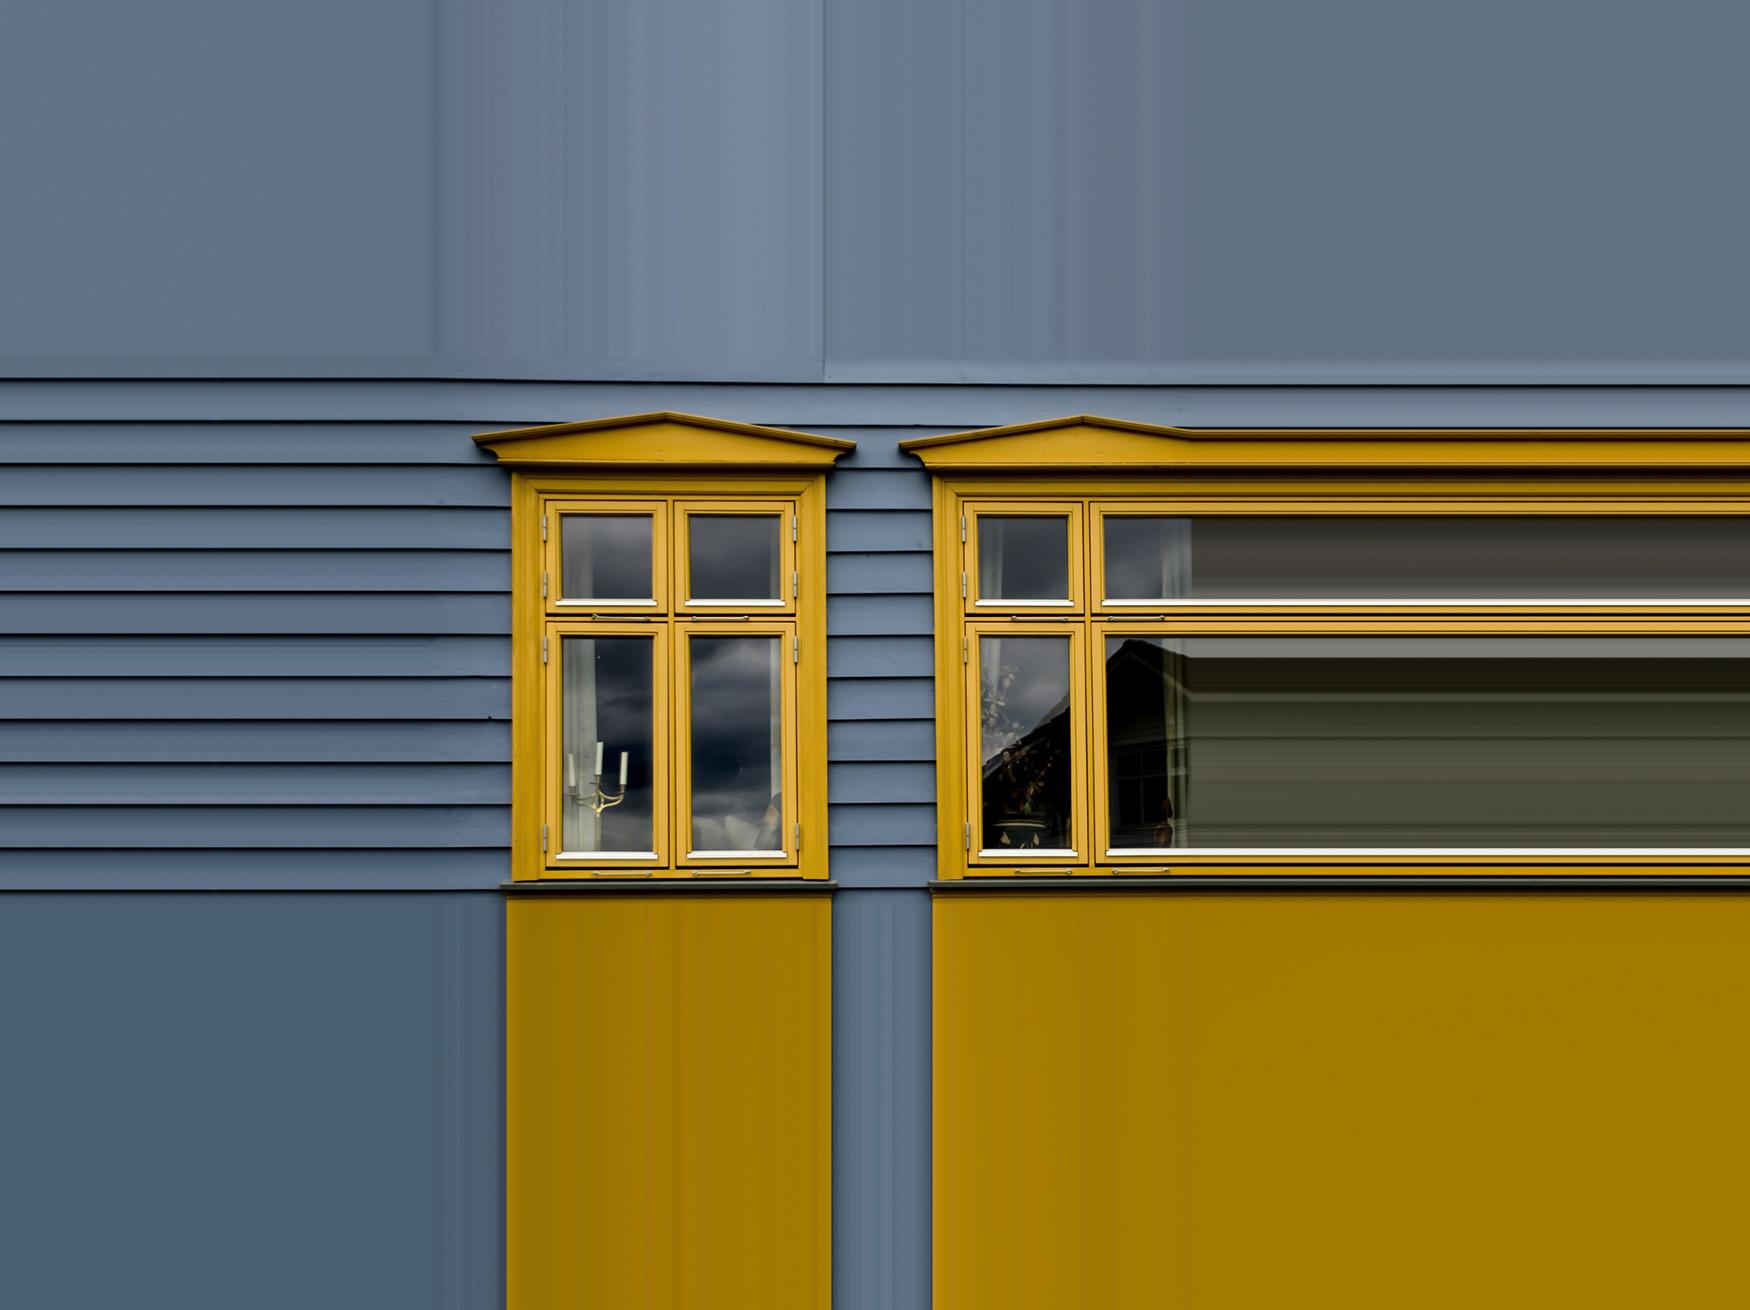 Ventana en azul y amarillo